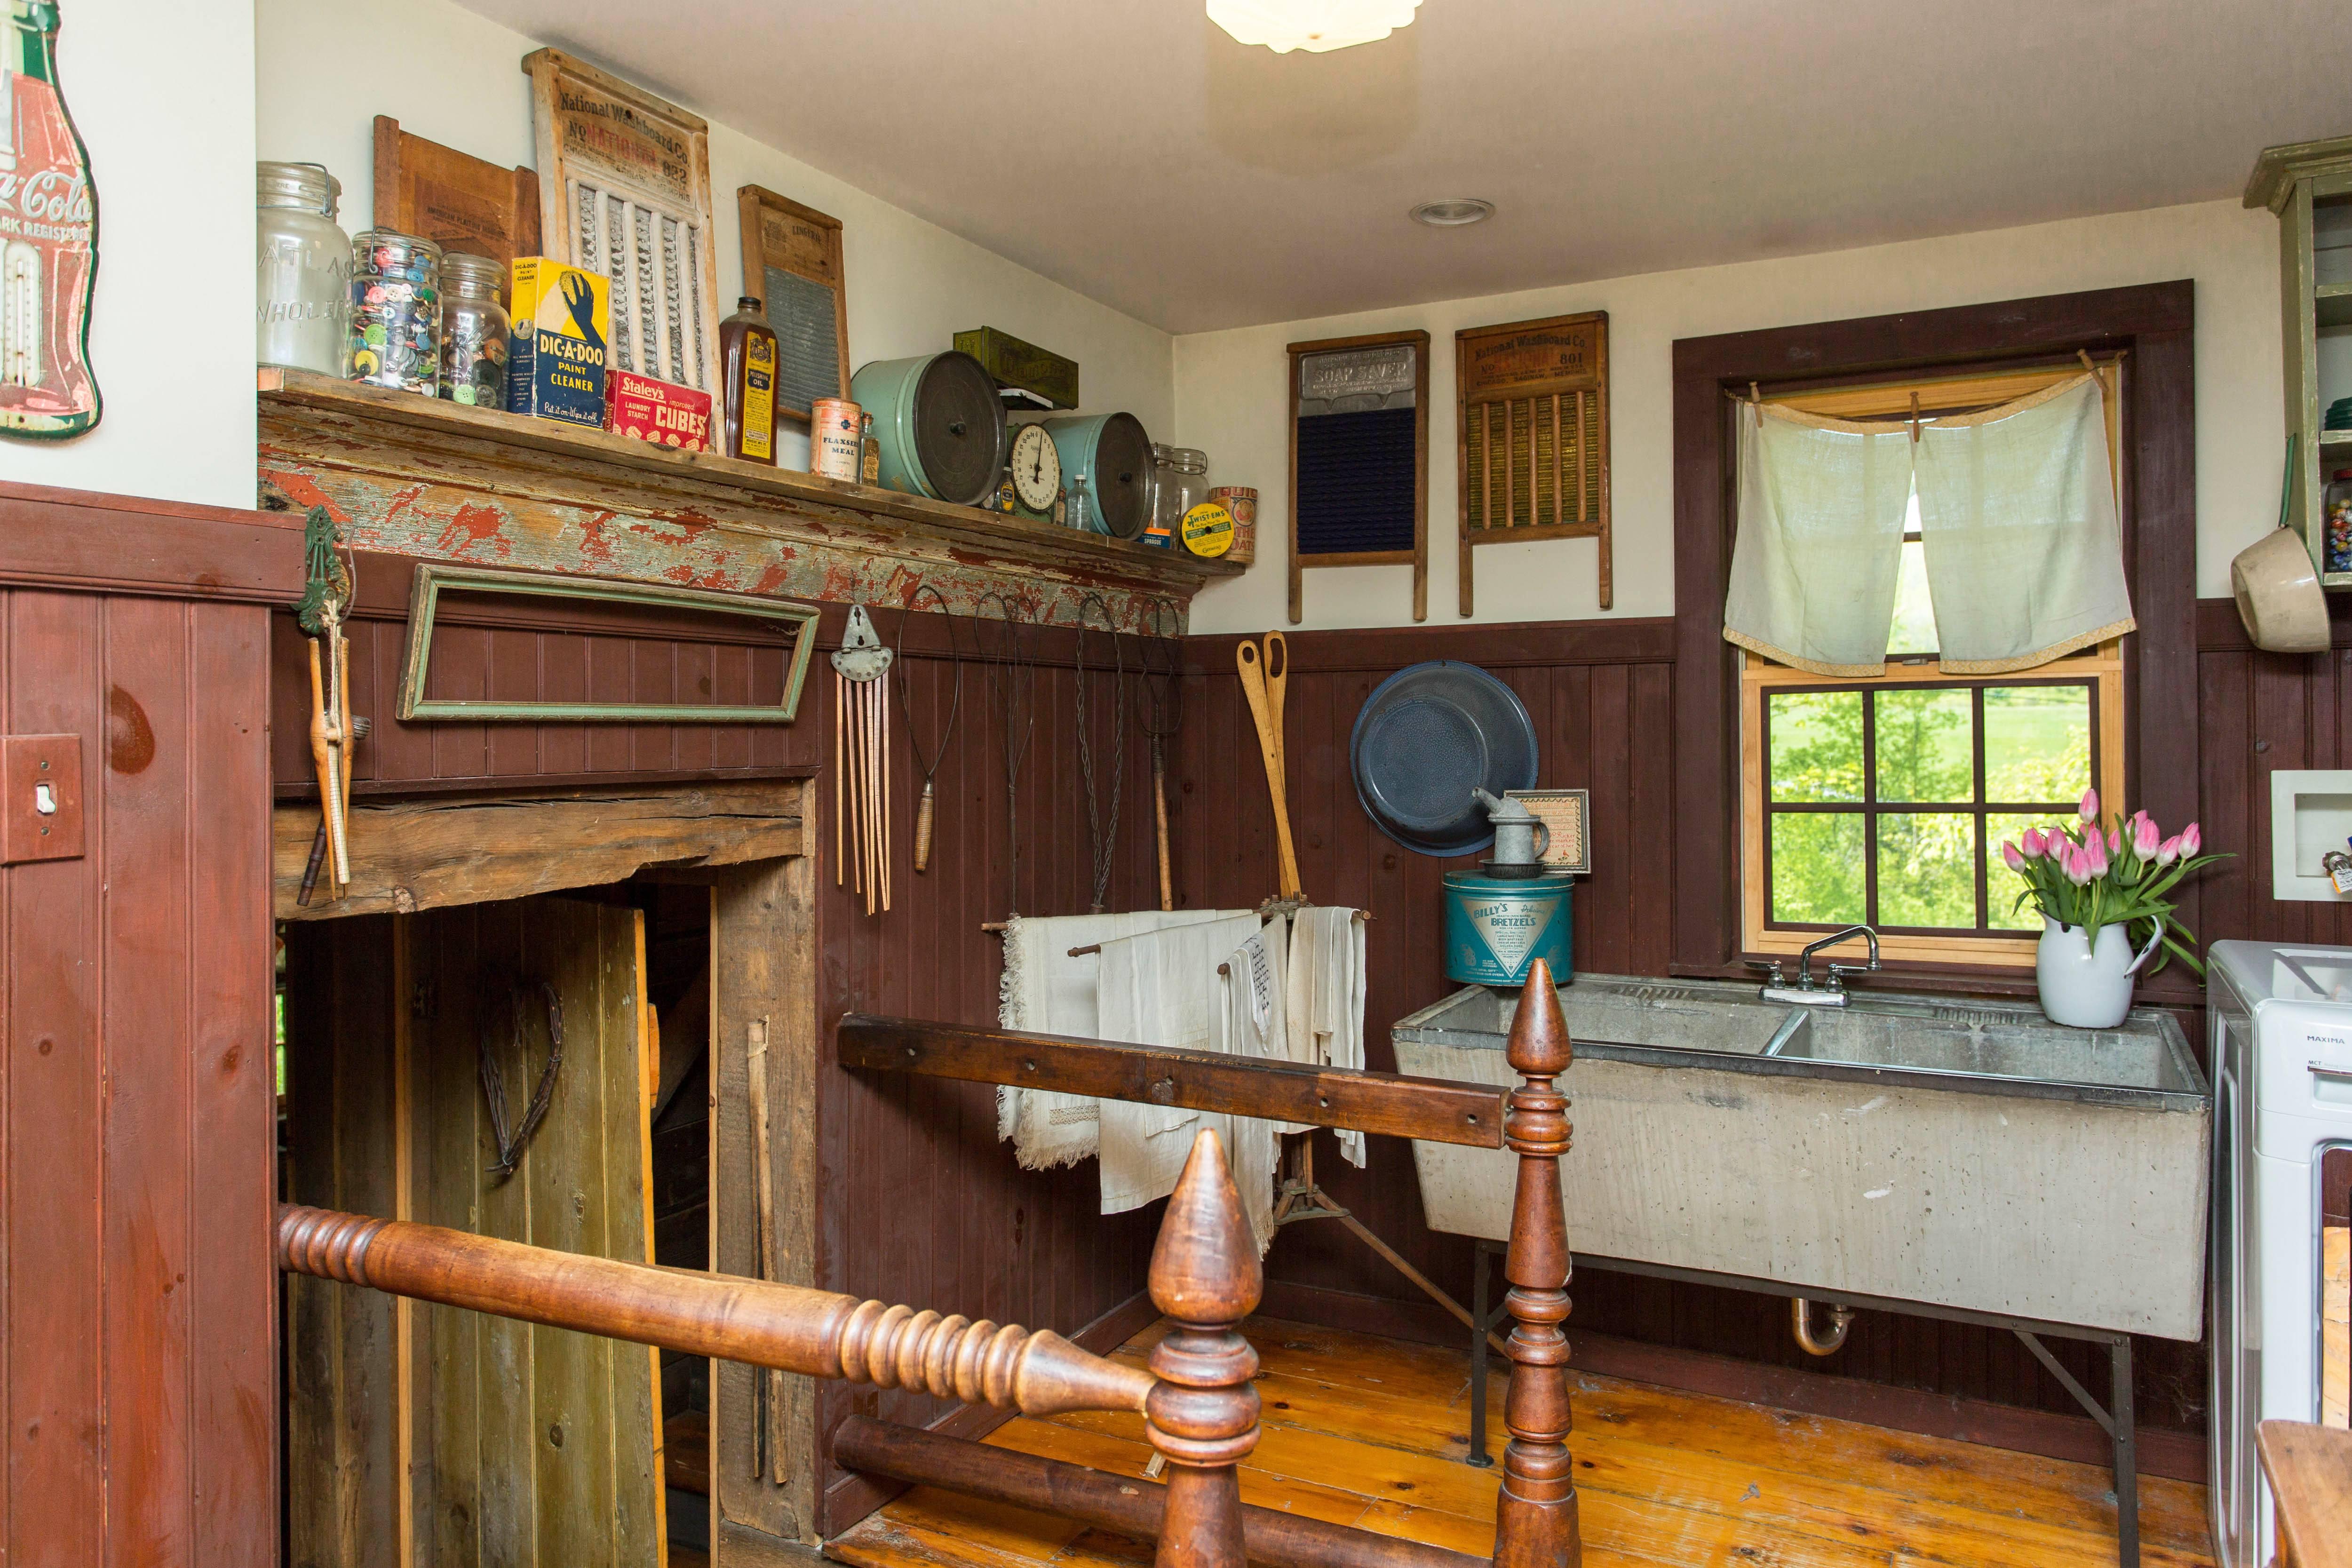 Fuller Reid House, Upstate New York, Sotheby's